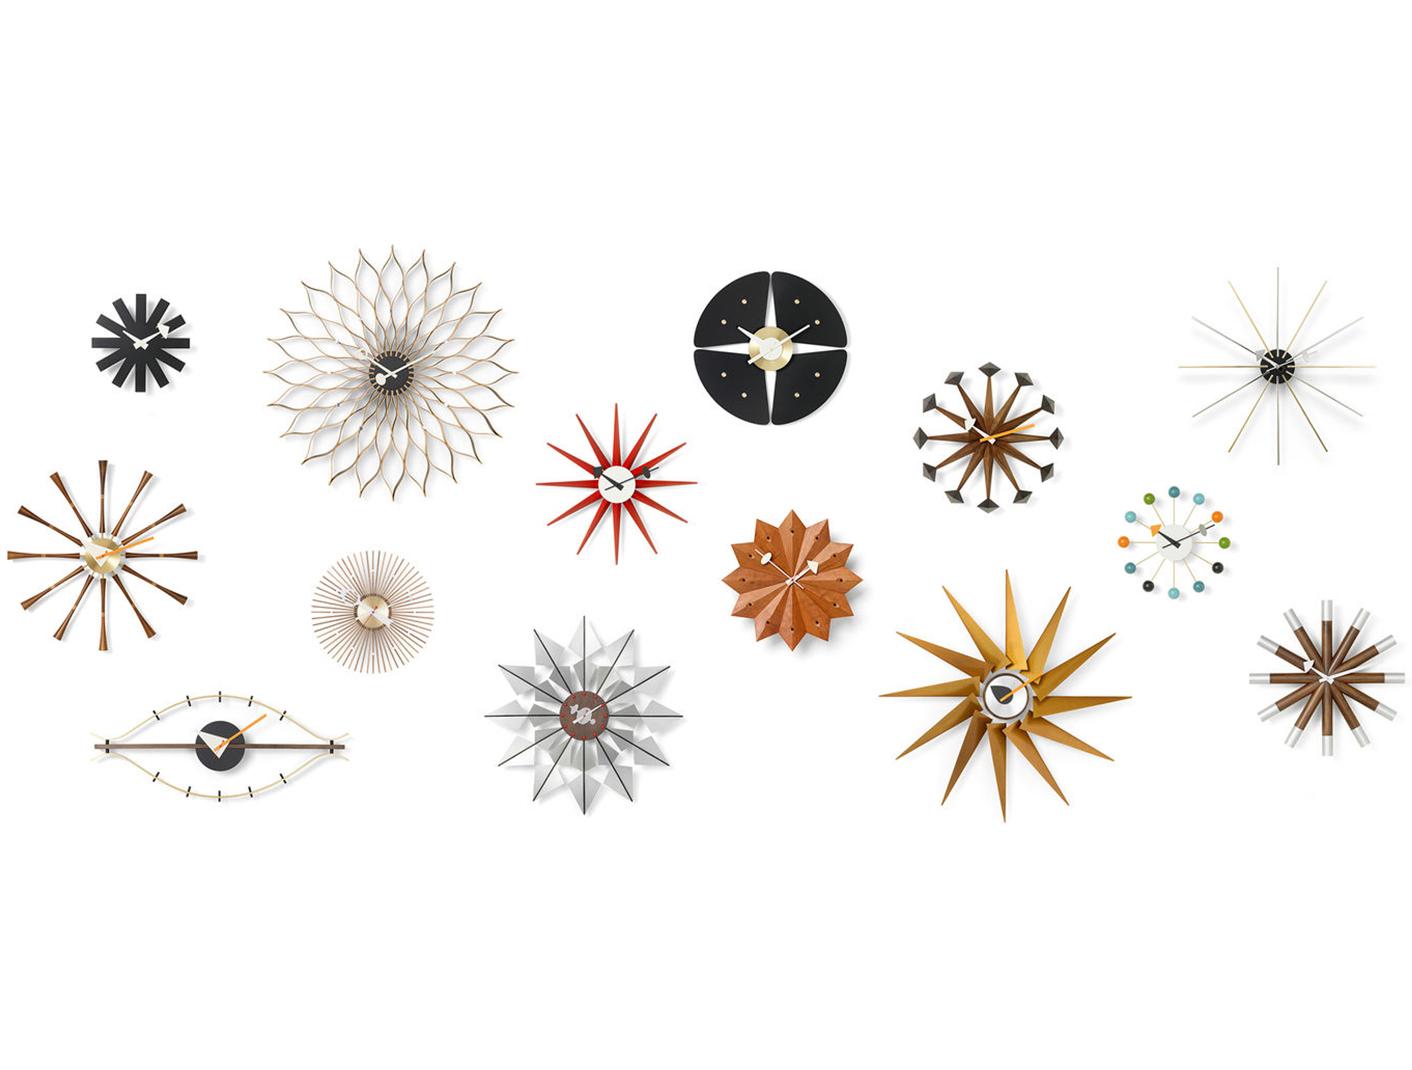 附件|钟表|创意家具|现代家居|时尚家具|设计师家具|定制家具|实木家具|挂钟 - 涡轮时钟